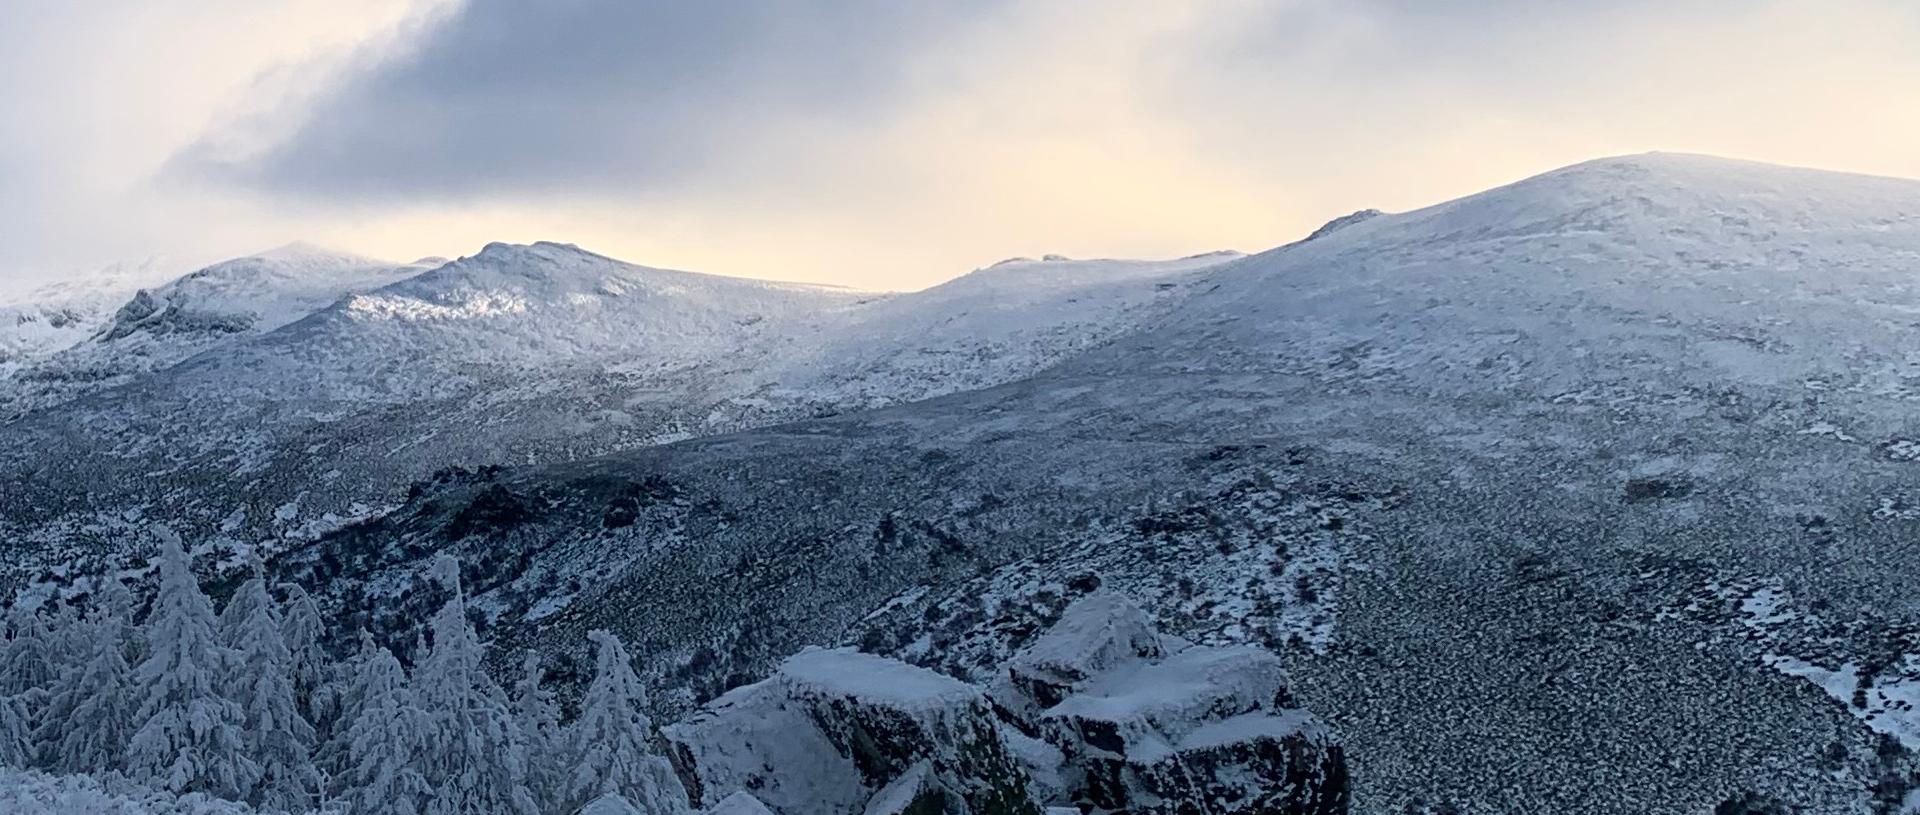 Montaña nieve